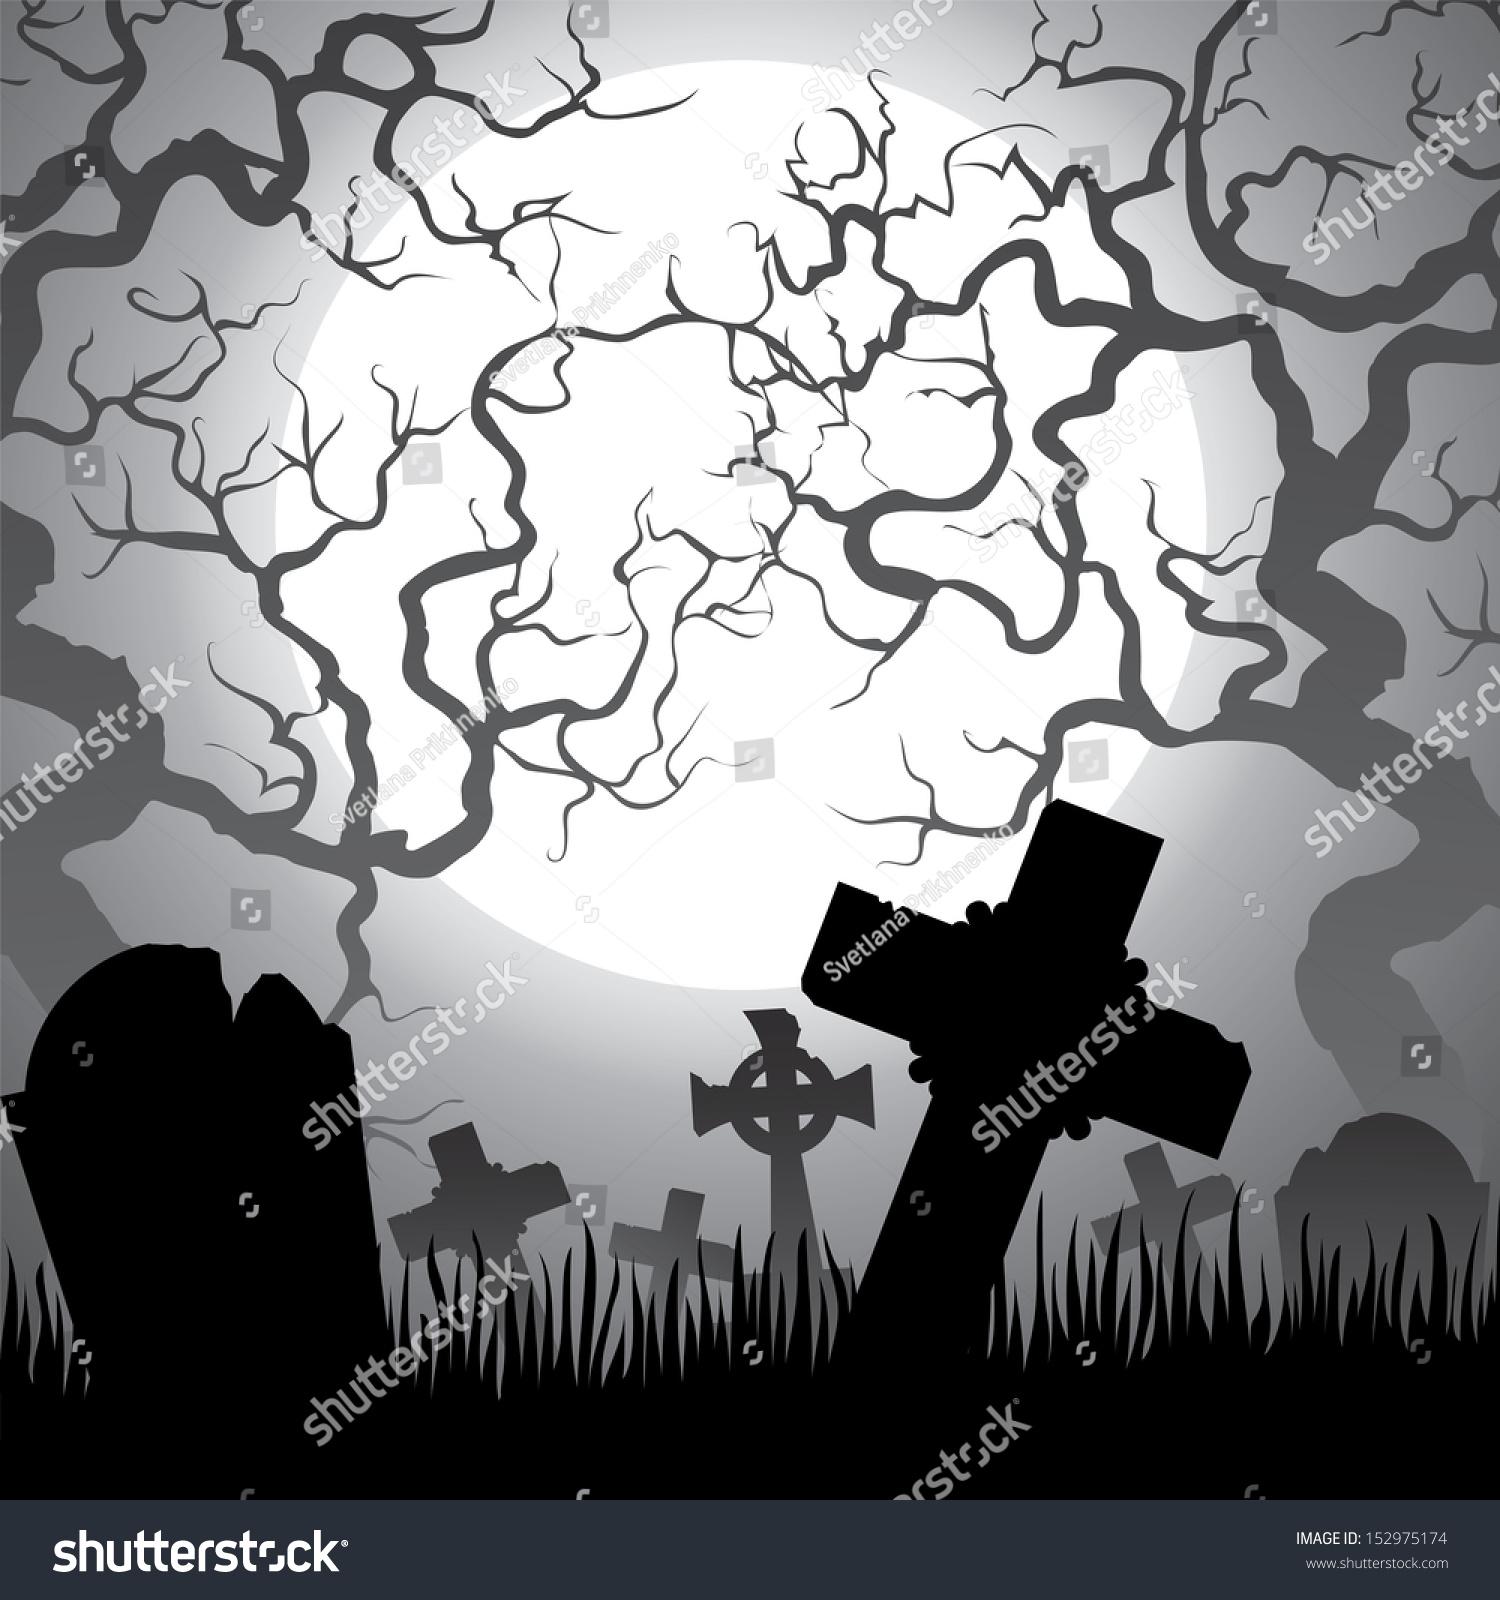 spooky halloween cemetery graveyard trees fog stock vector (royalty